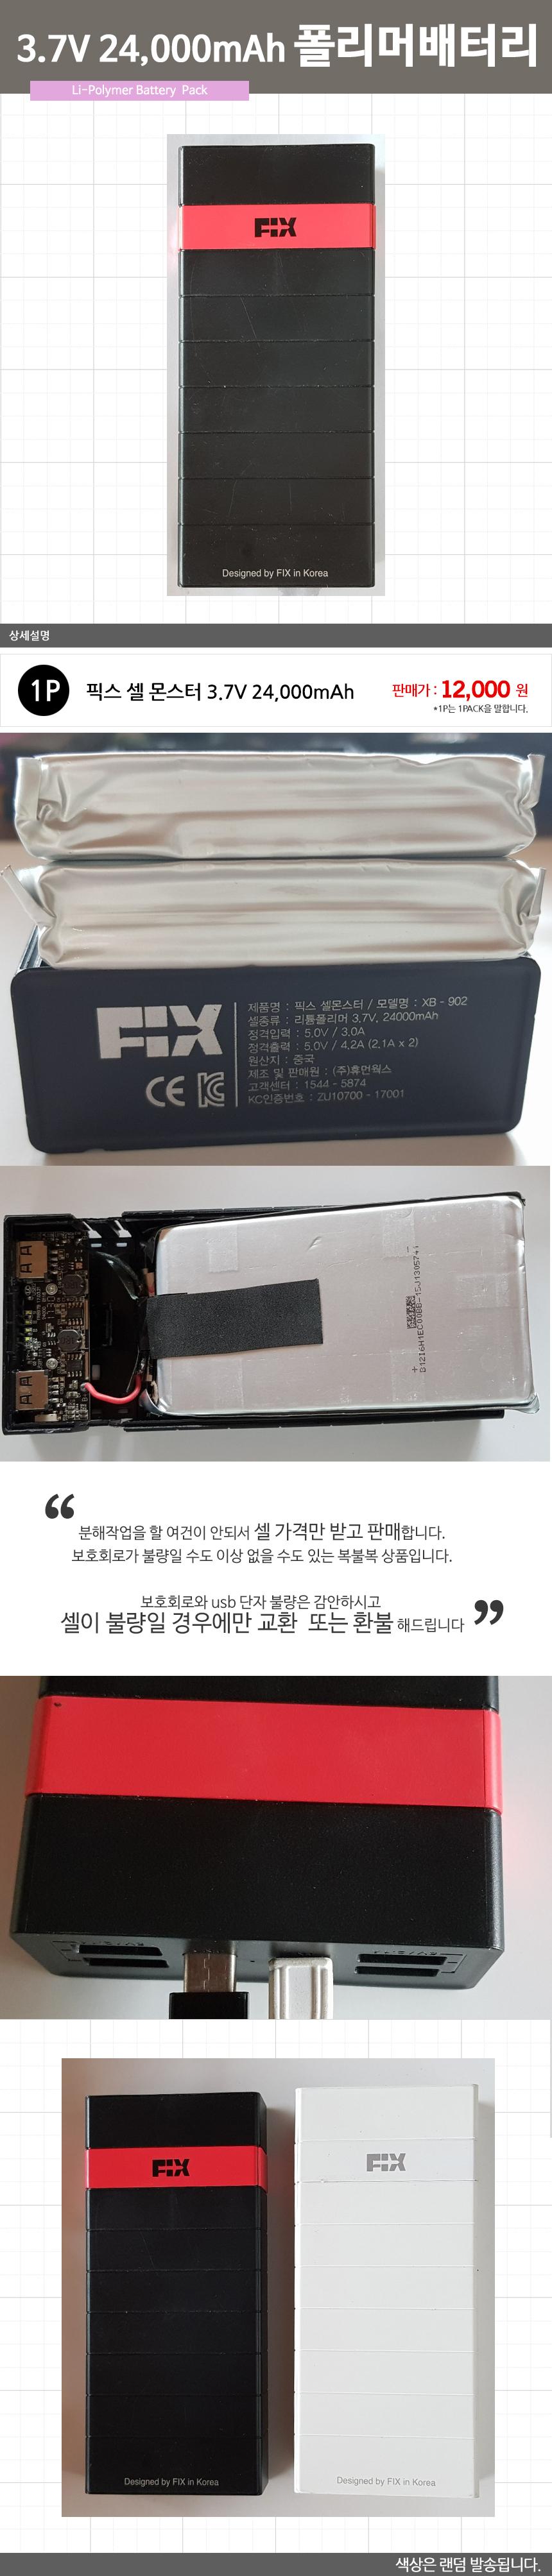 3_7V_battery.jpg